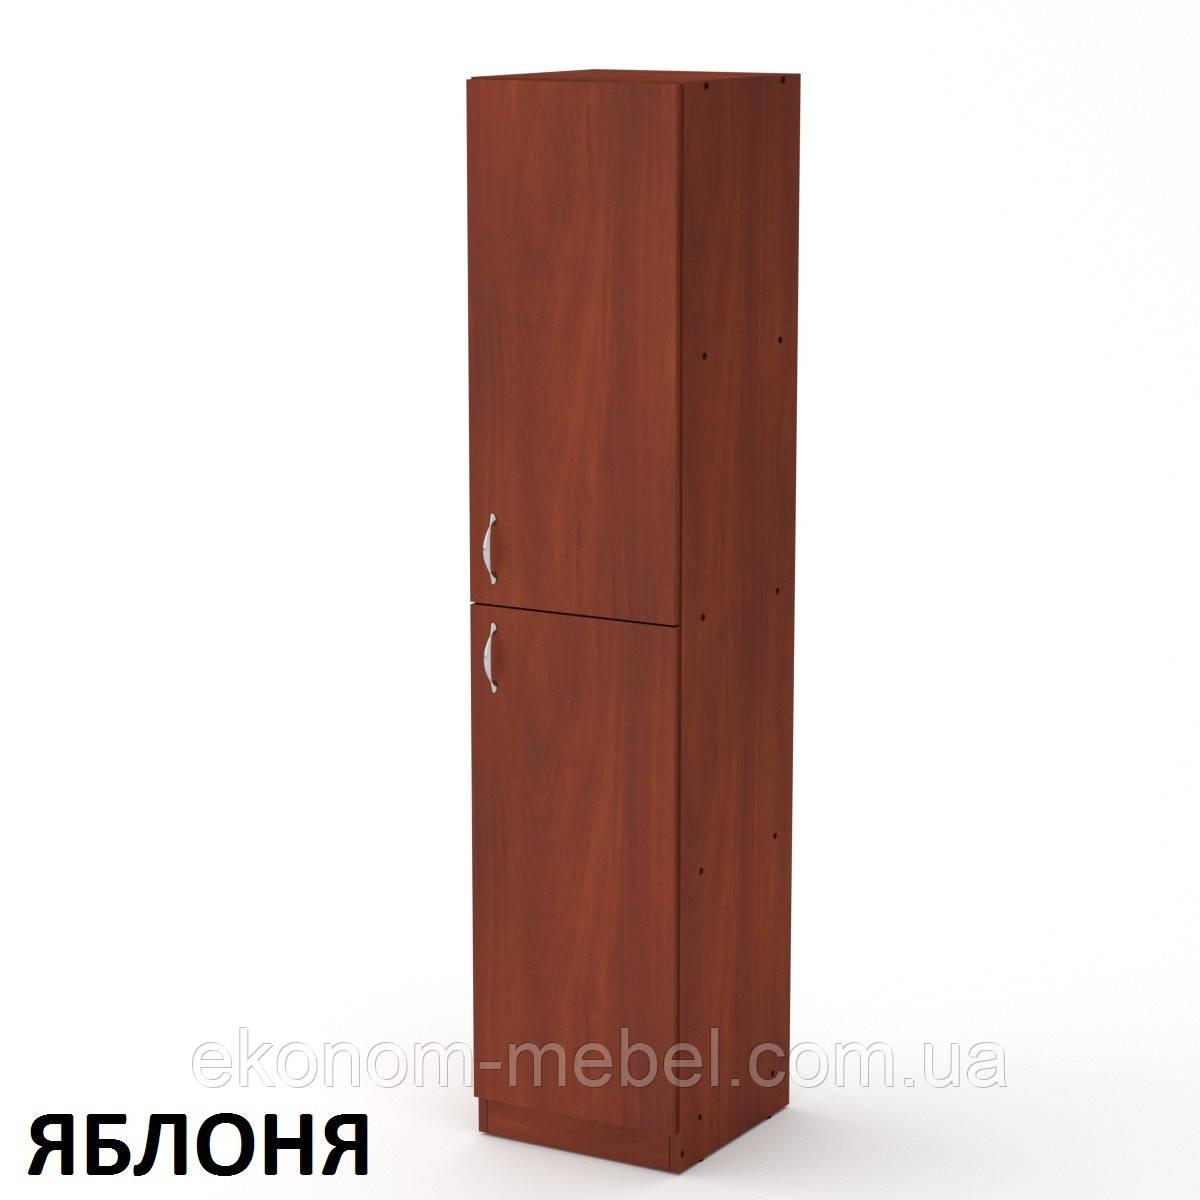 Невысокий пенал КШ-13 для офиса и дома с полками